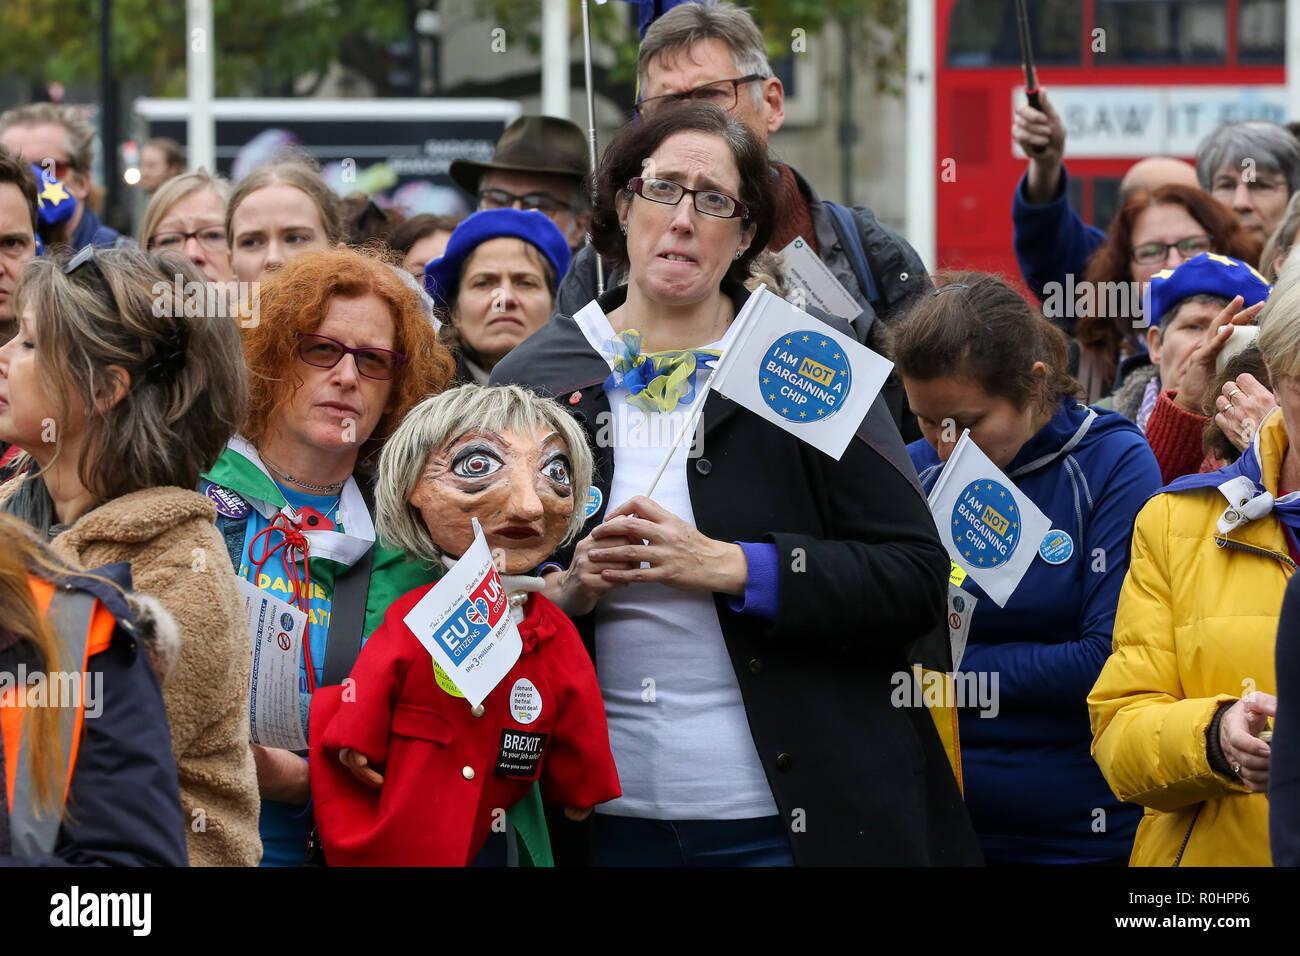 Londres, Royaume-Uni. 5Th Nov, 2018. Les protestataires sont vu la tenue des pancartes pendant la manifestation.pro-UE partisans ont protesté à la place du Parlement alors qu'il faisait campagne pour les citoyens de l'homme. Credit: Dinendra Haria SOPA/Images/ZUMA/Alamy Fil Live News Banque D'Images